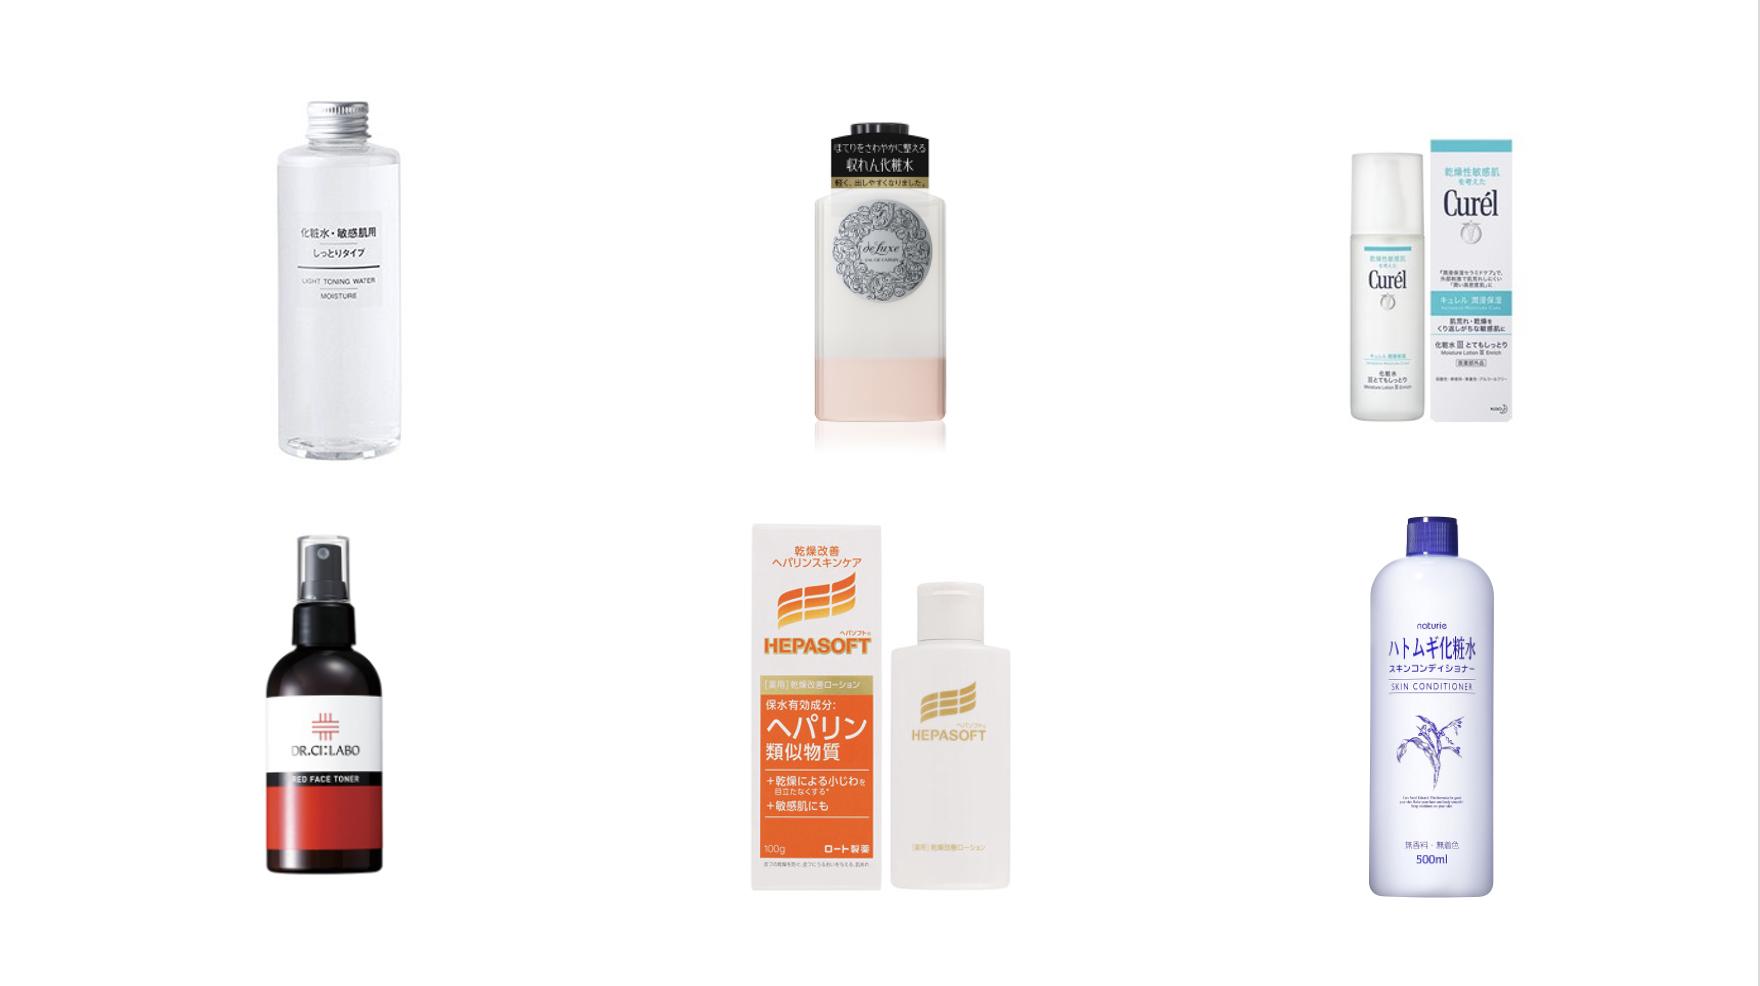 赤ら顔におすすめの化粧水15選!デパコス・プチプラ・韓国コスメをお届け